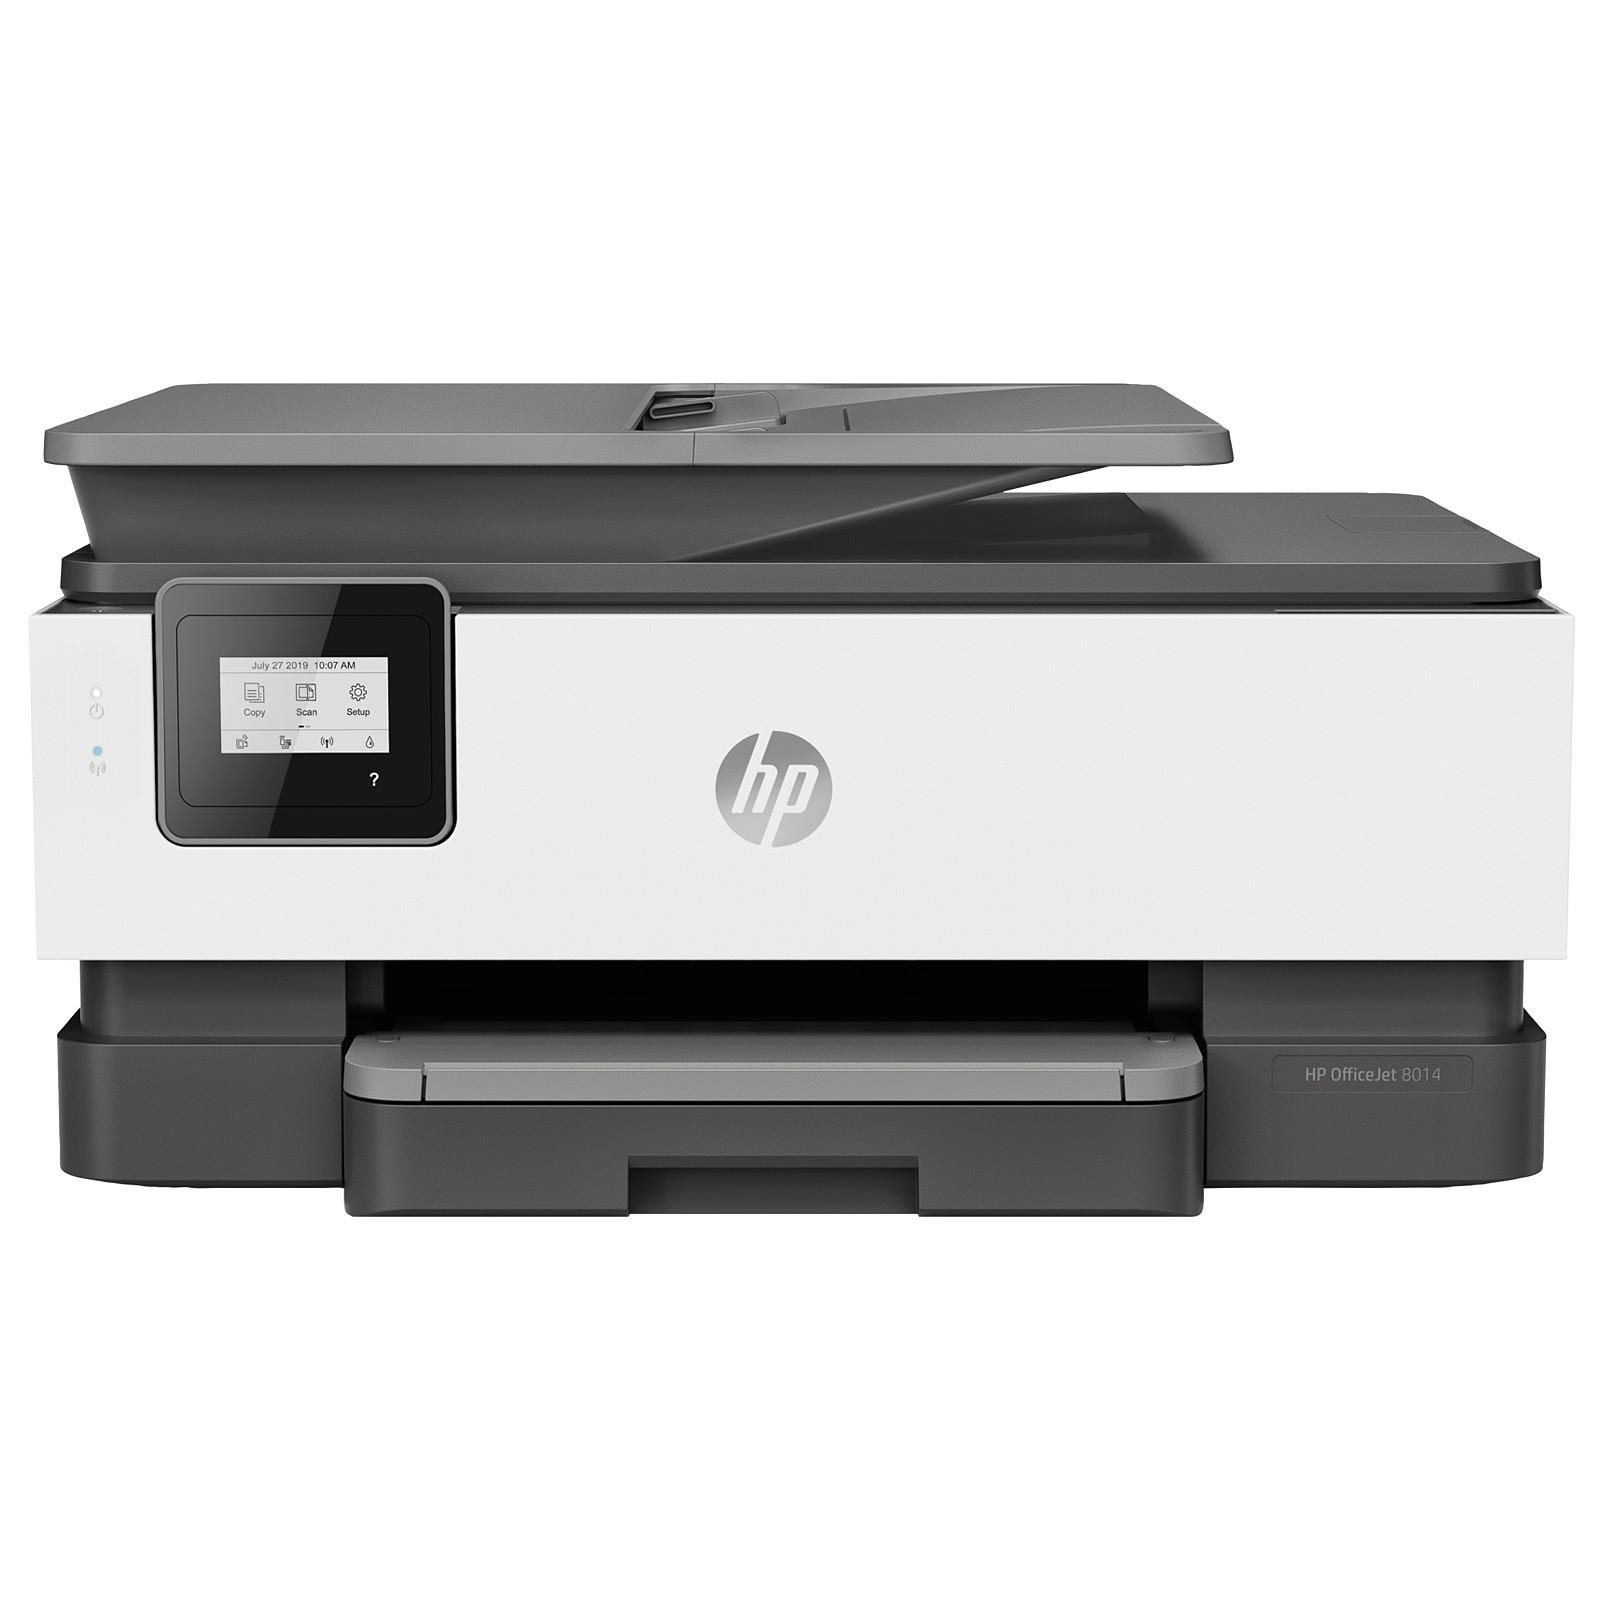 HP OfficeJet 8014 Tout-en-un